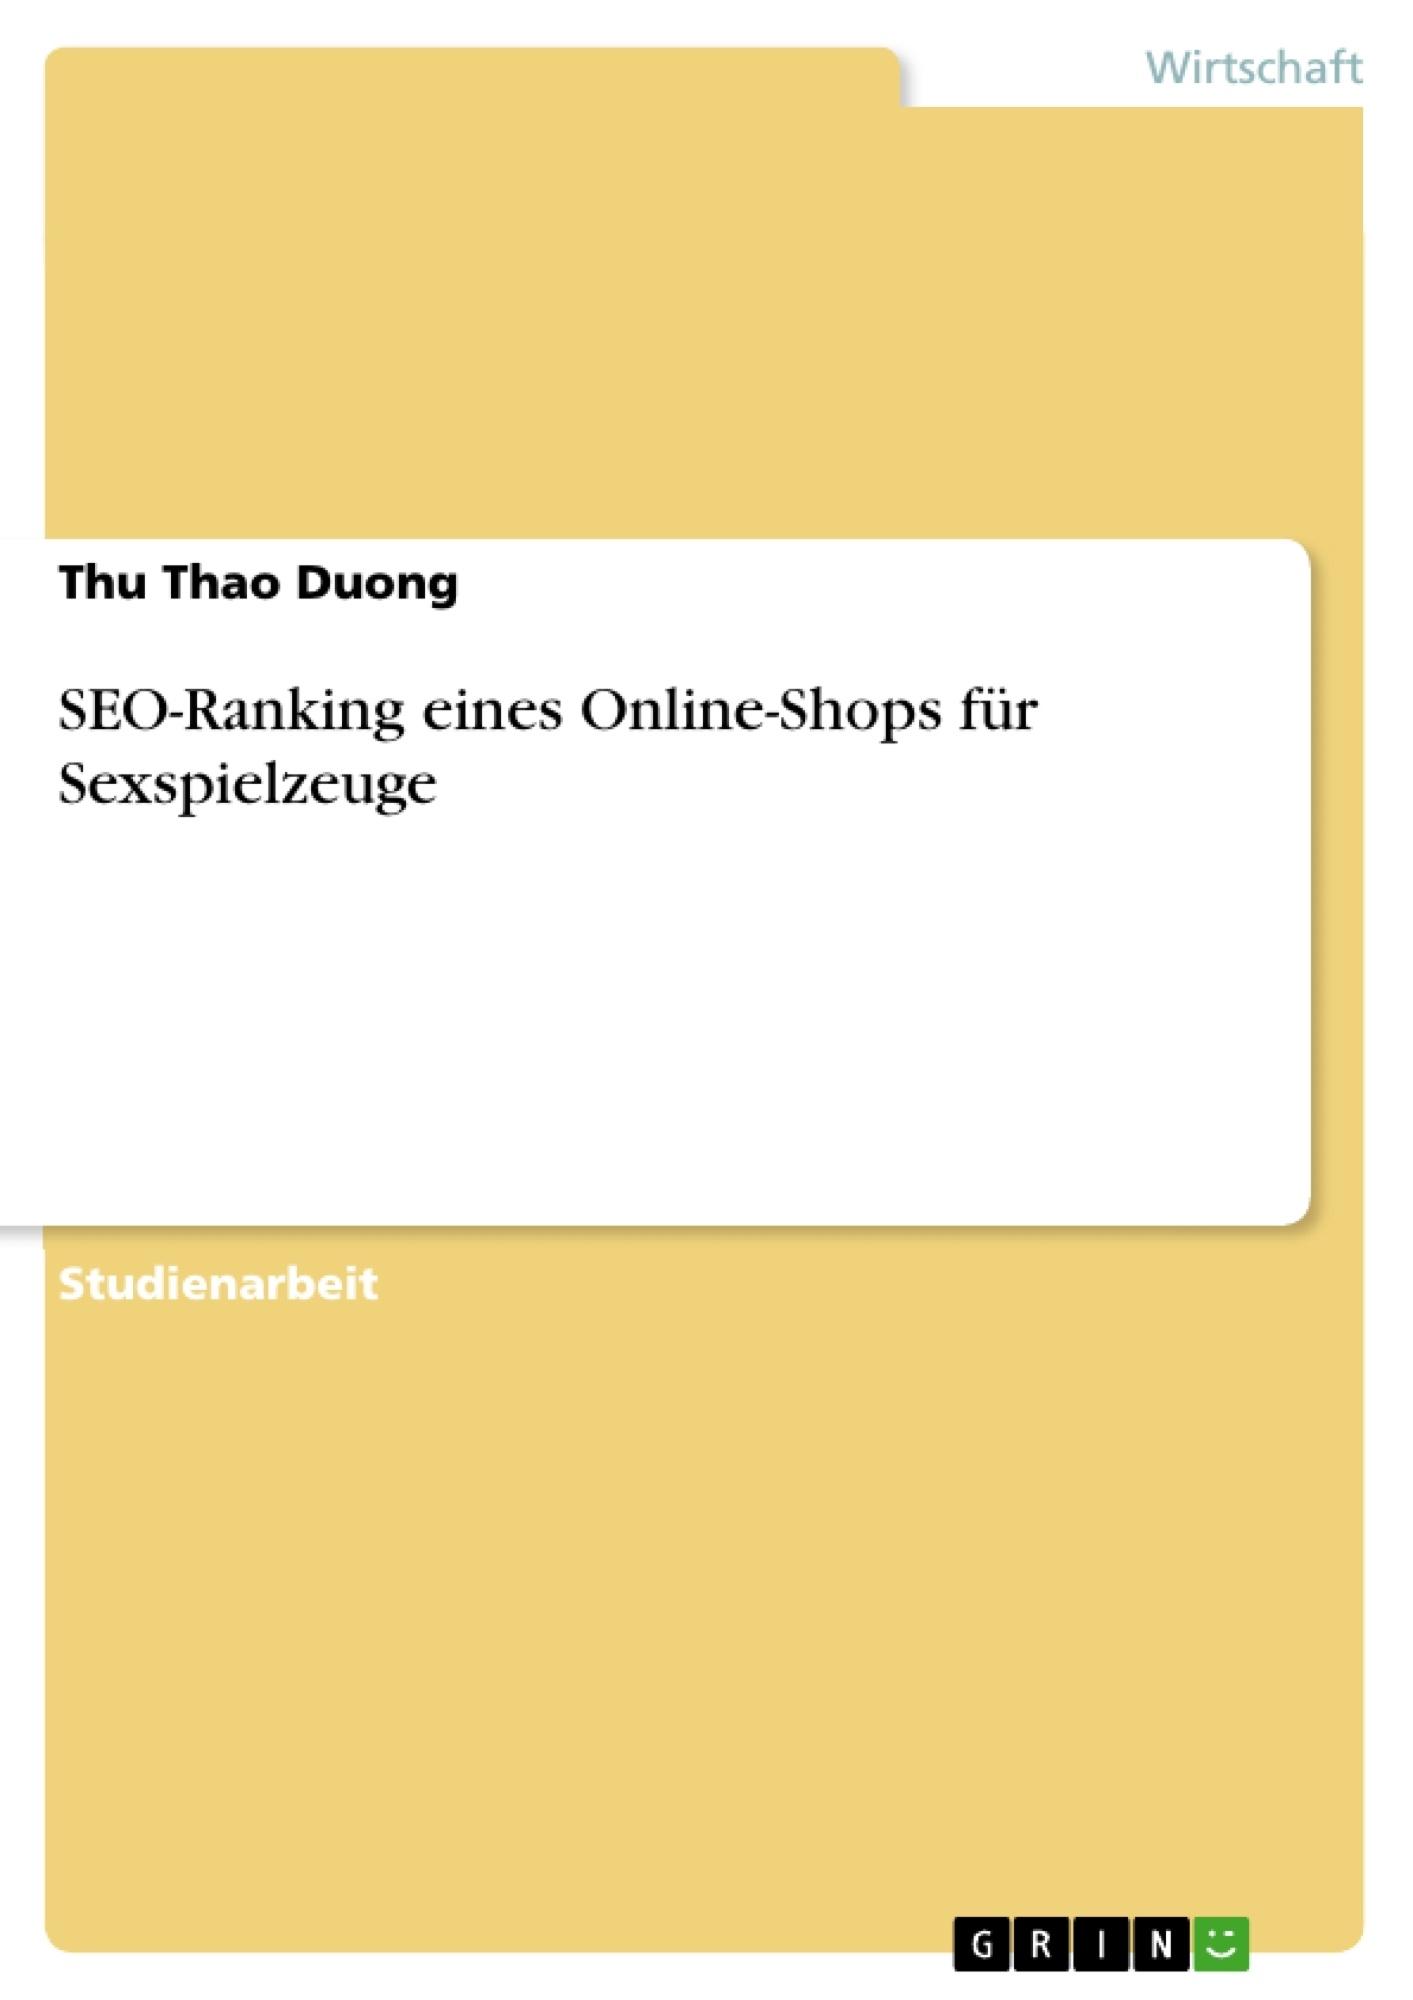 Titel: SEO-Ranking eines Online-Shops für Sexspielzeuge